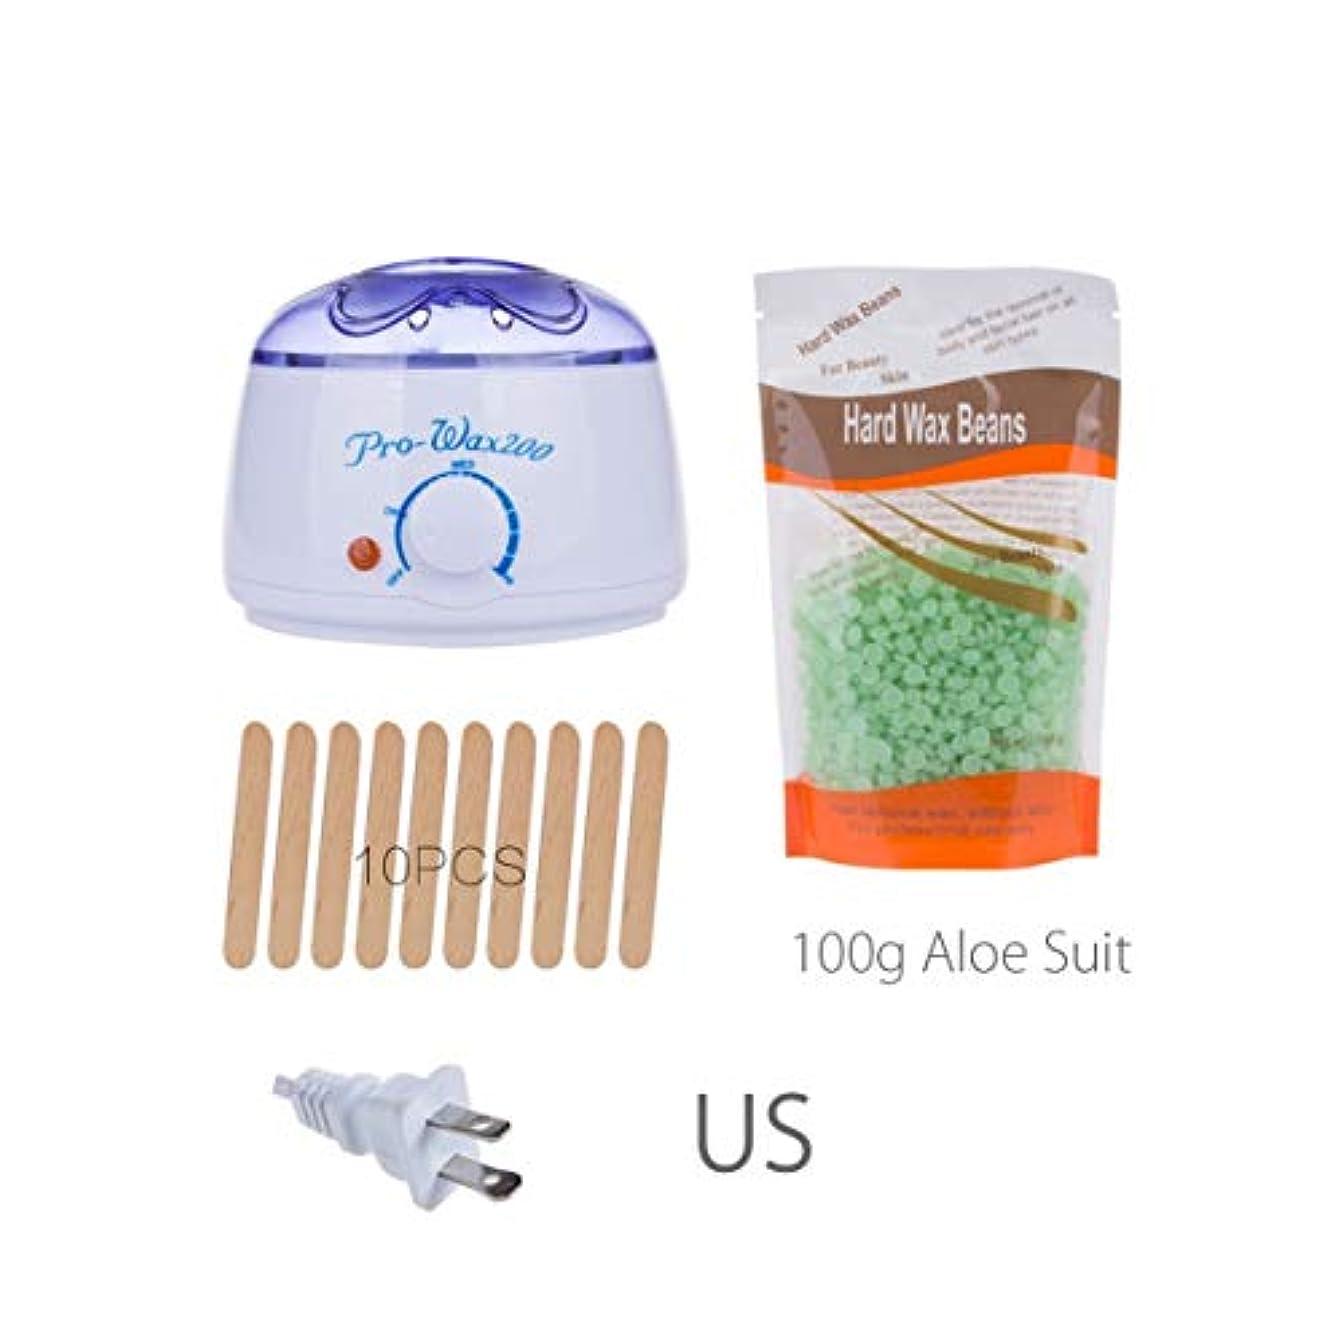 いつでも石化するタンカーIntercorey 200CC Hand Wax Machine Hot Paraffin Wax Warmer Heater Body Depilatory Salon SPA Hair Removal Tool With...